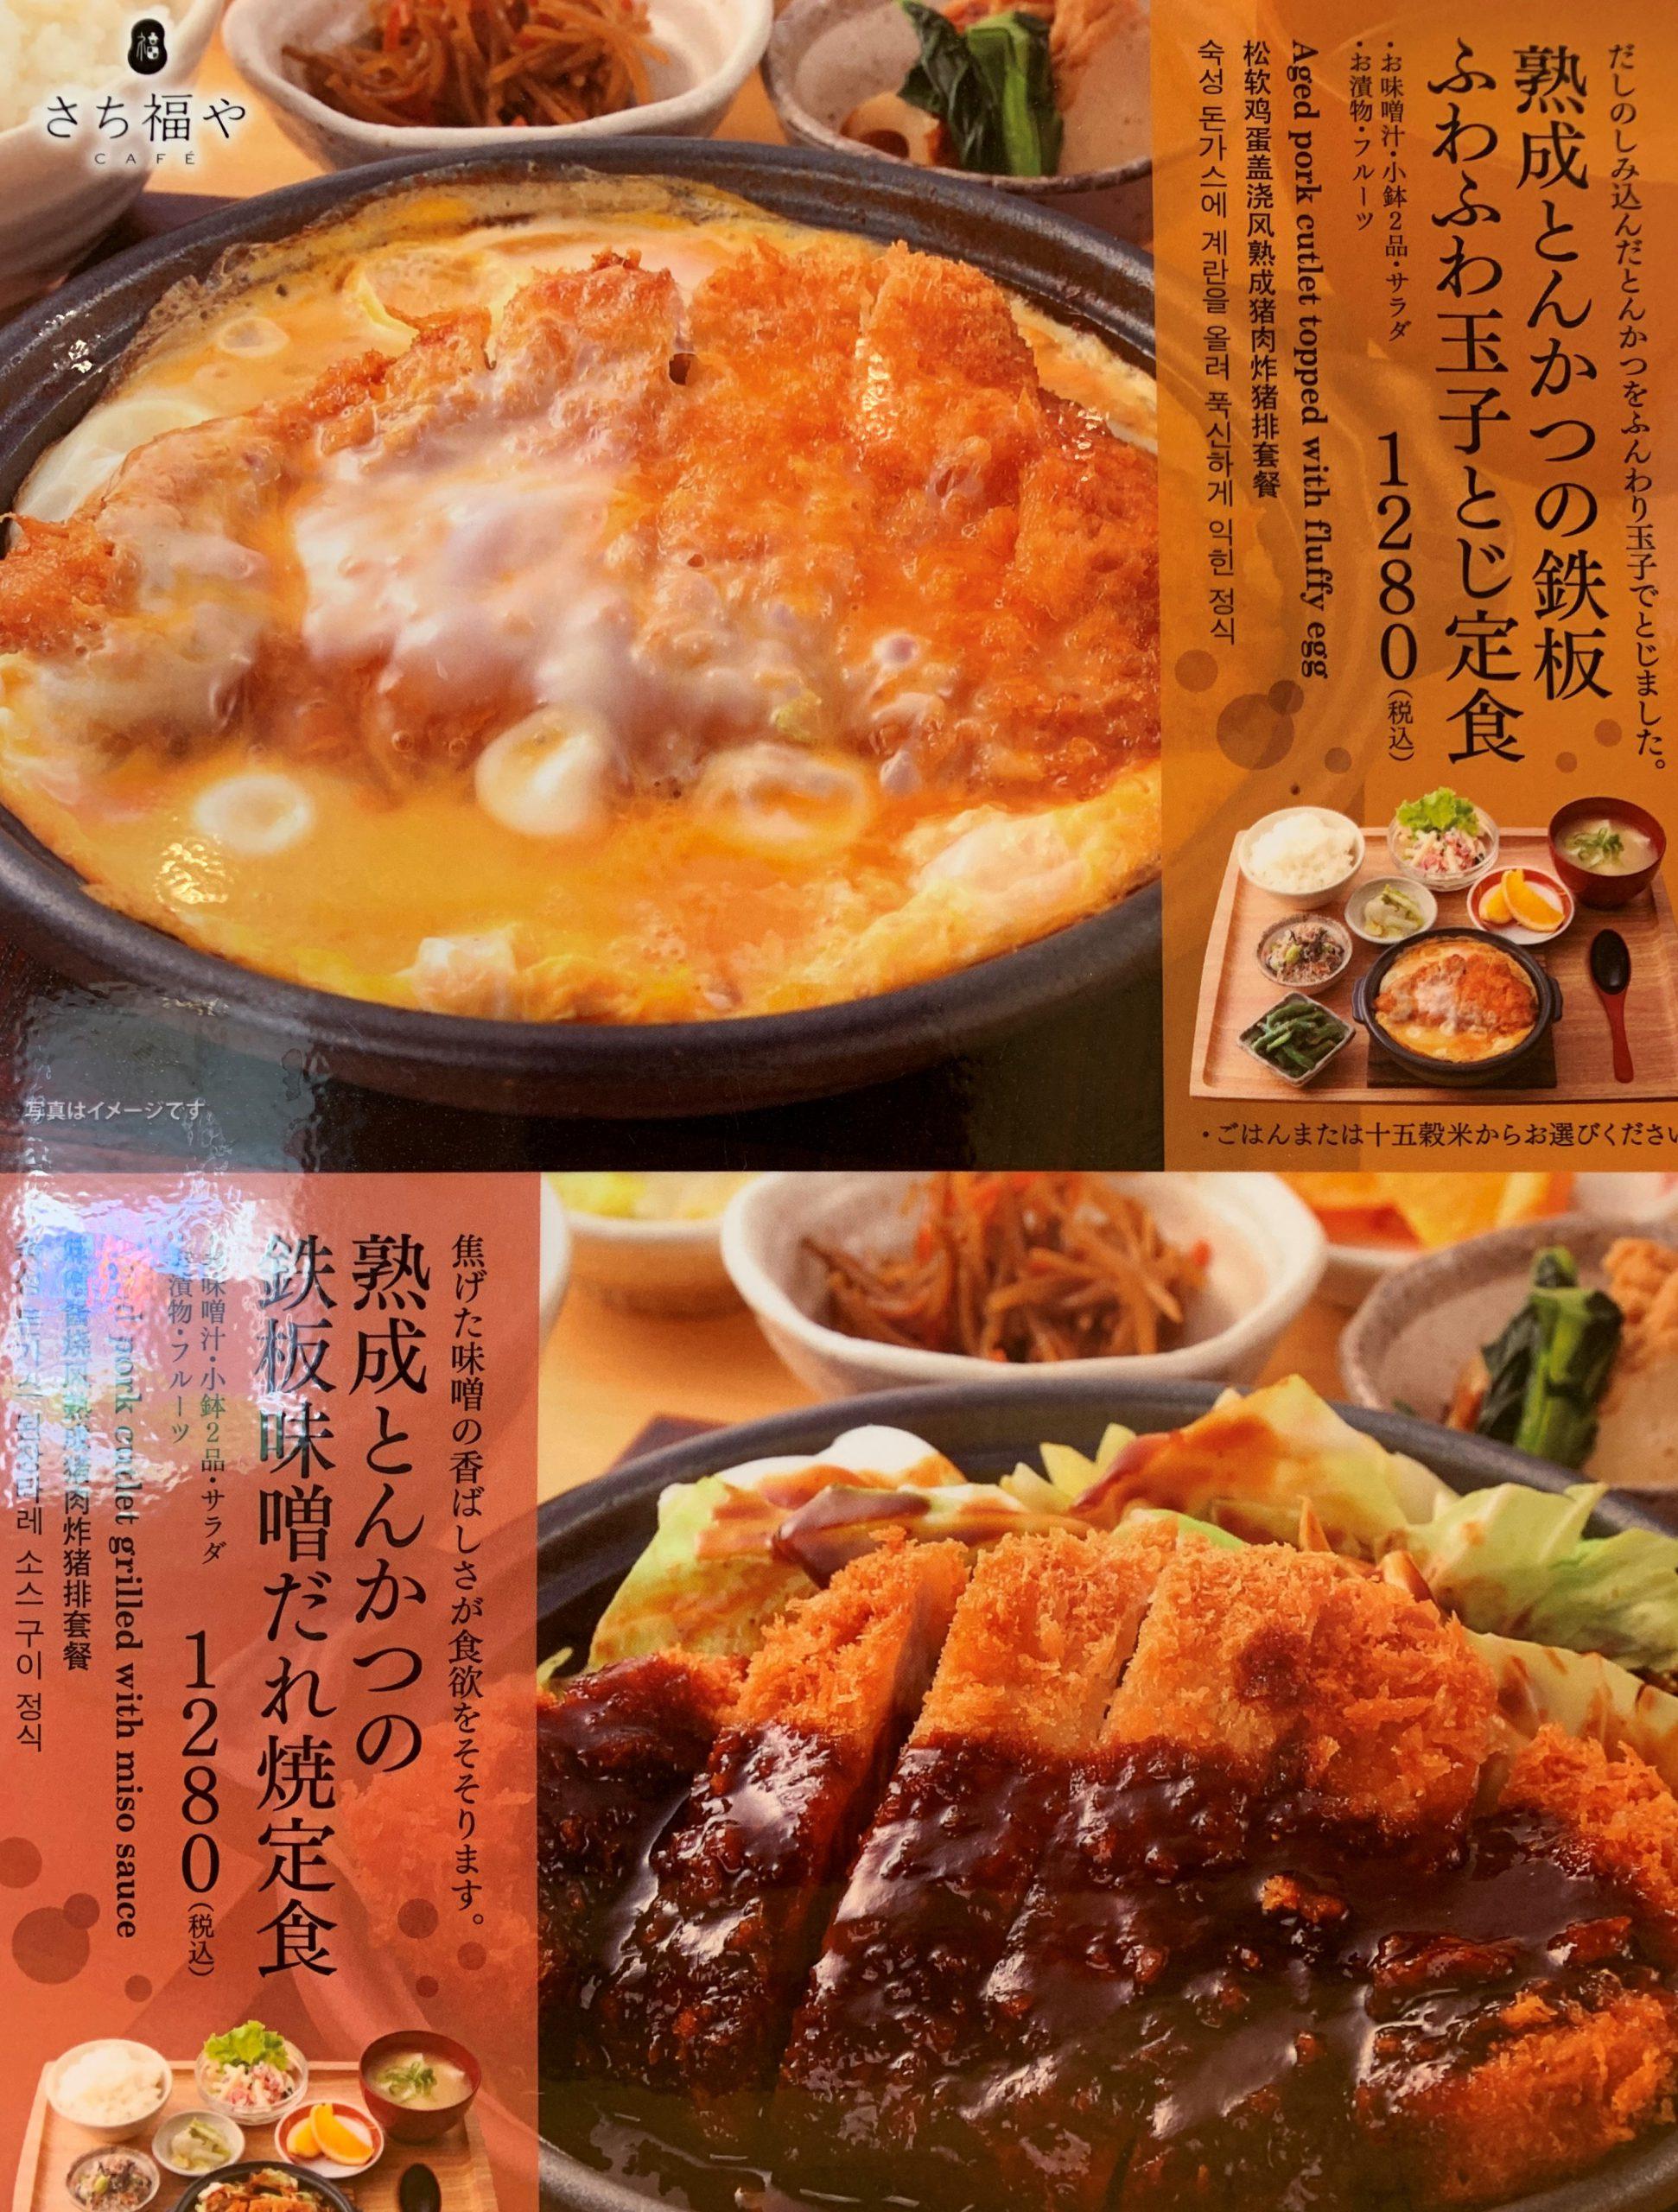 【大好評】鍋焼き三元豚熟成とんかつ2種販売中